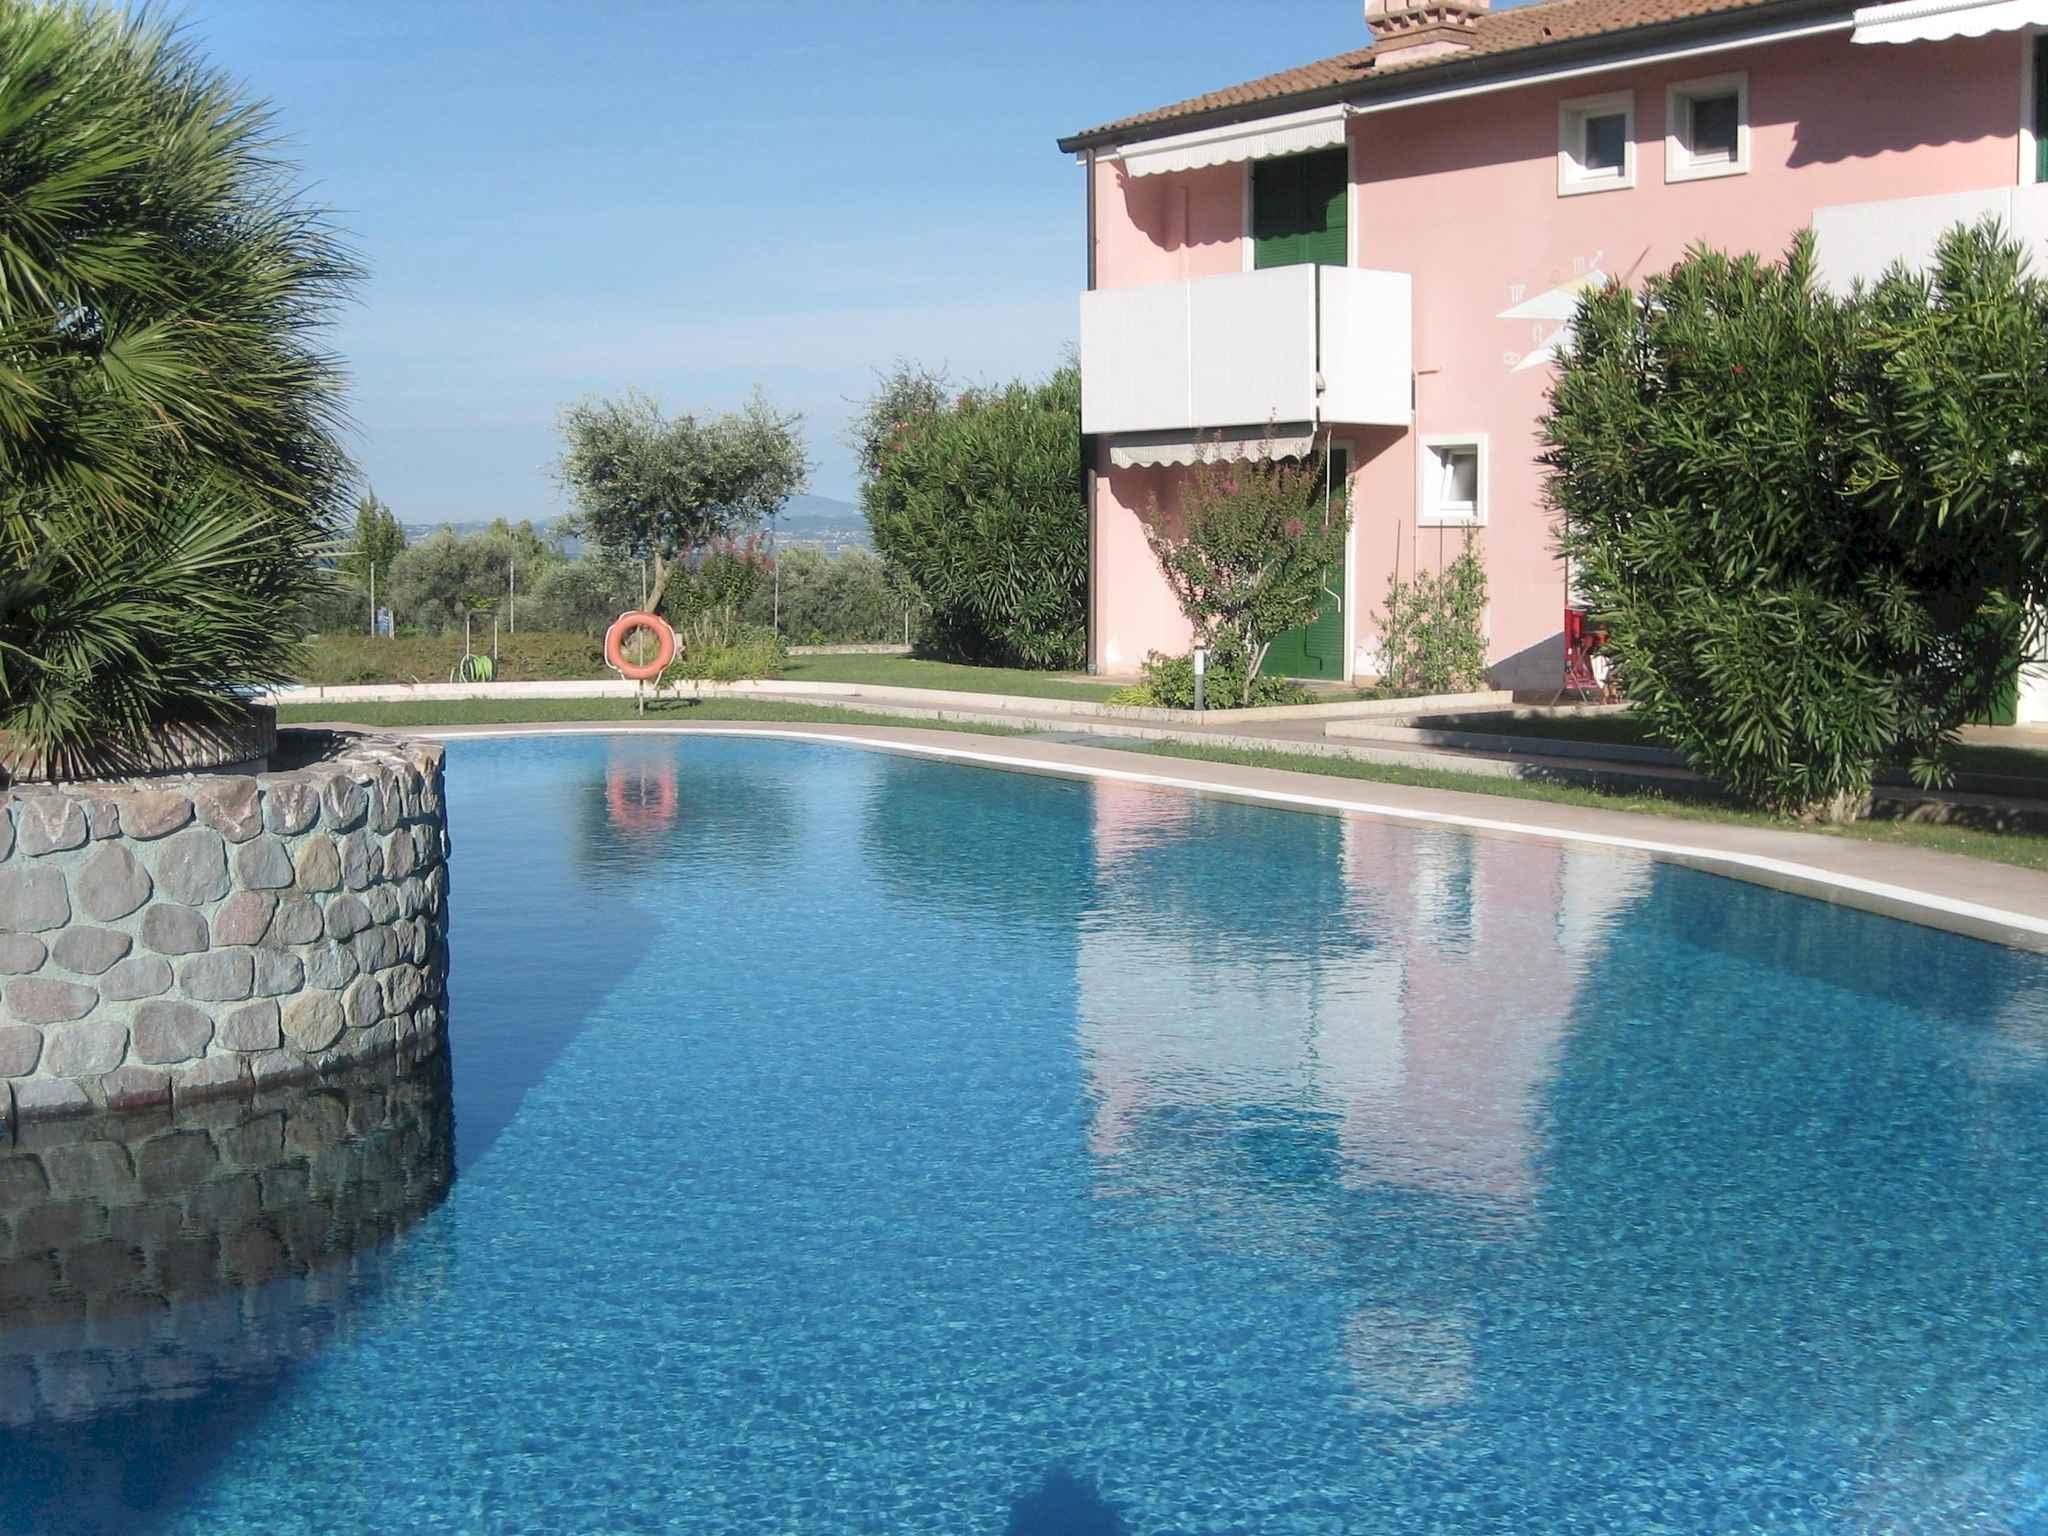 Ferienwohnung con balcone (479075), Lazise, Gardasee, Venetien, Italien, Bild 6